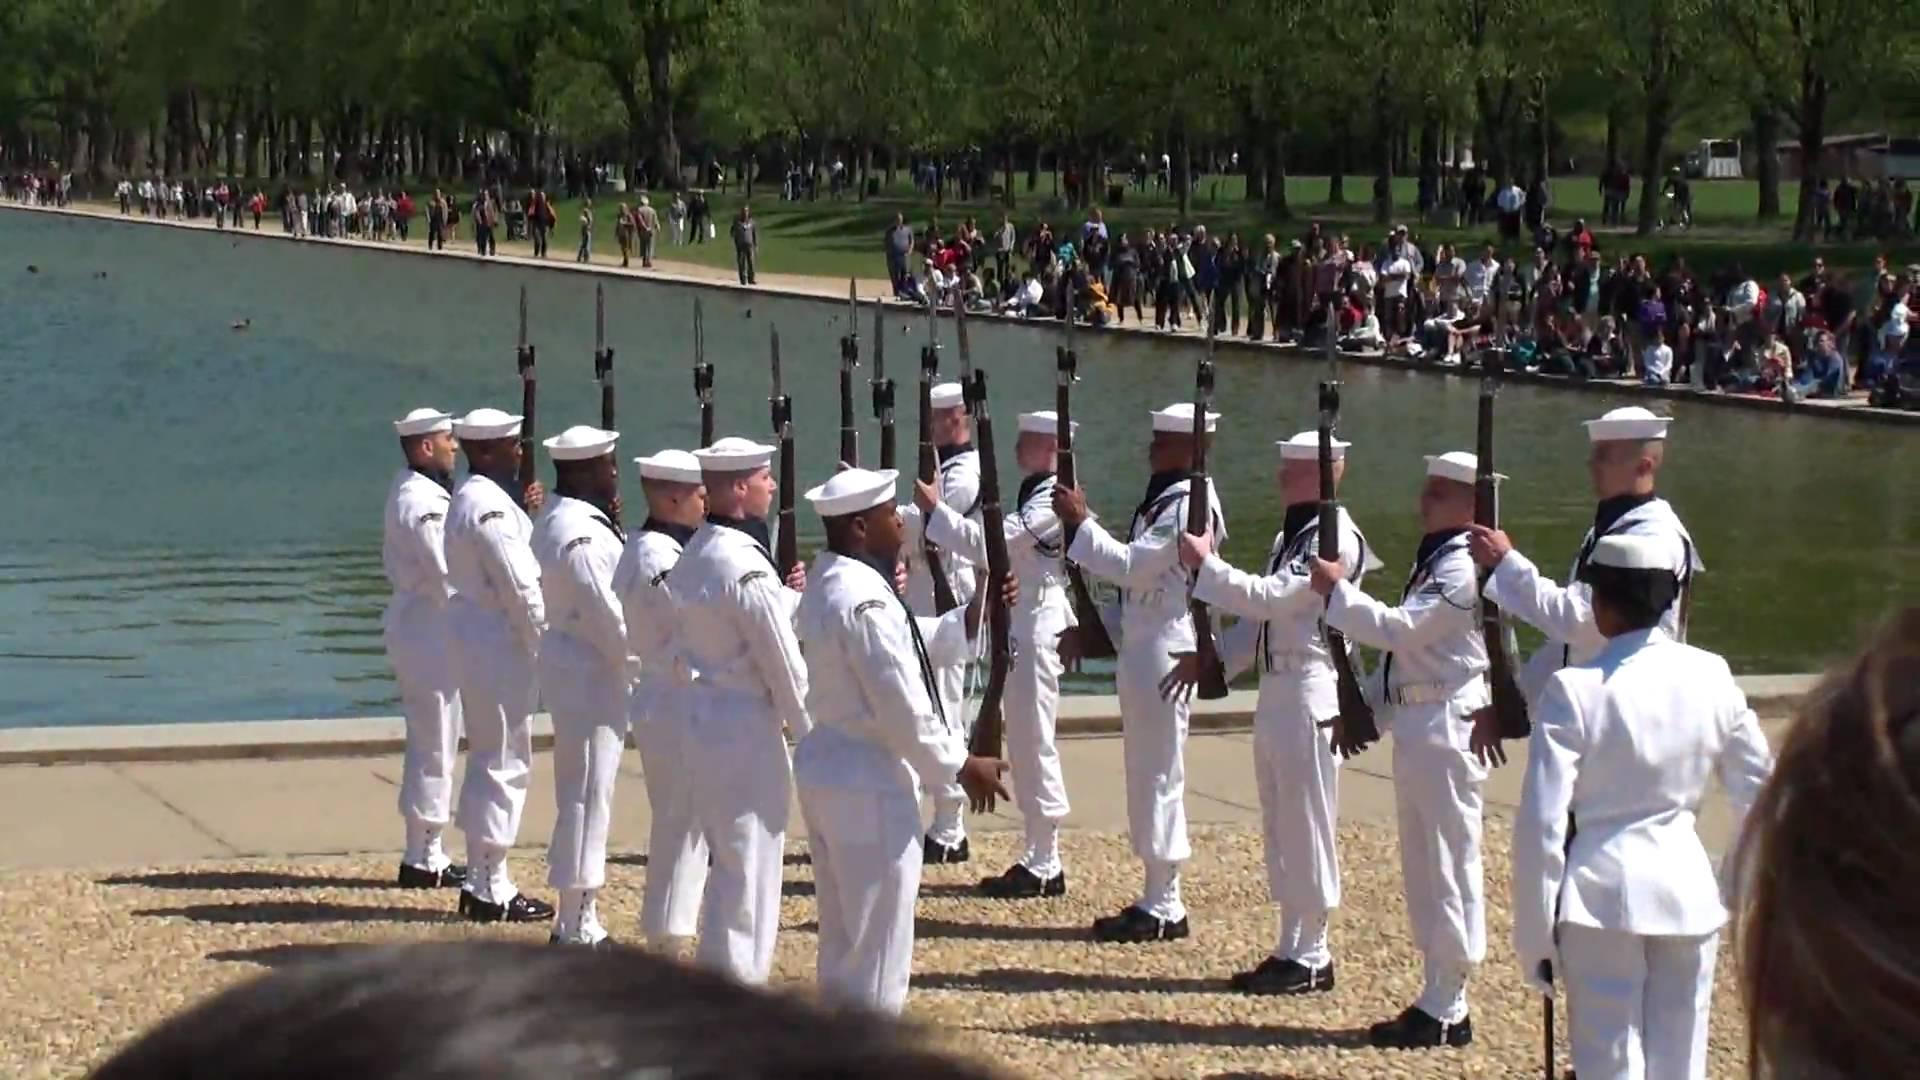 Us Navy Ceremonial Guard 2010 Navy Drill Team Rallypoint - Us-navy-ceremonial-guard